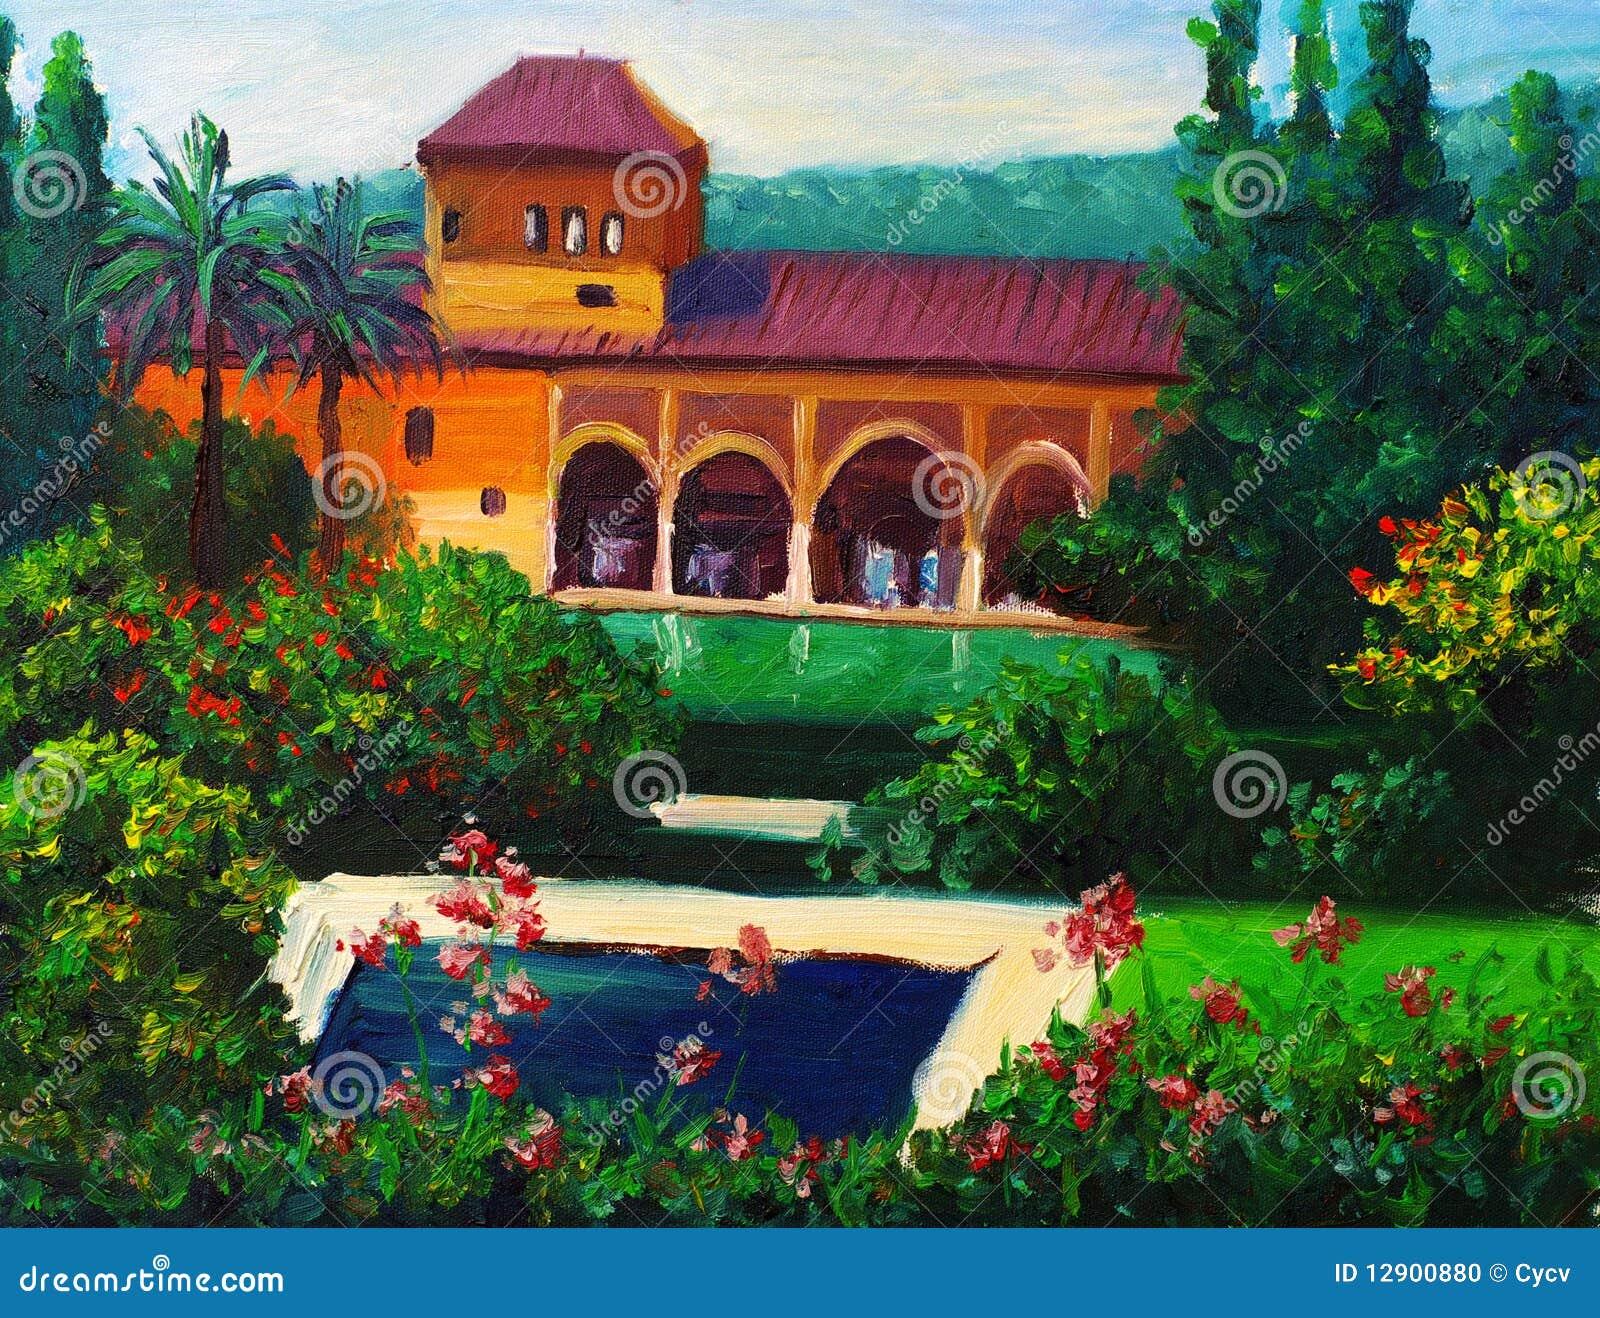 Casa de campo com piscina foto de stock imagem 12900880 - Piscina casa de campo ...